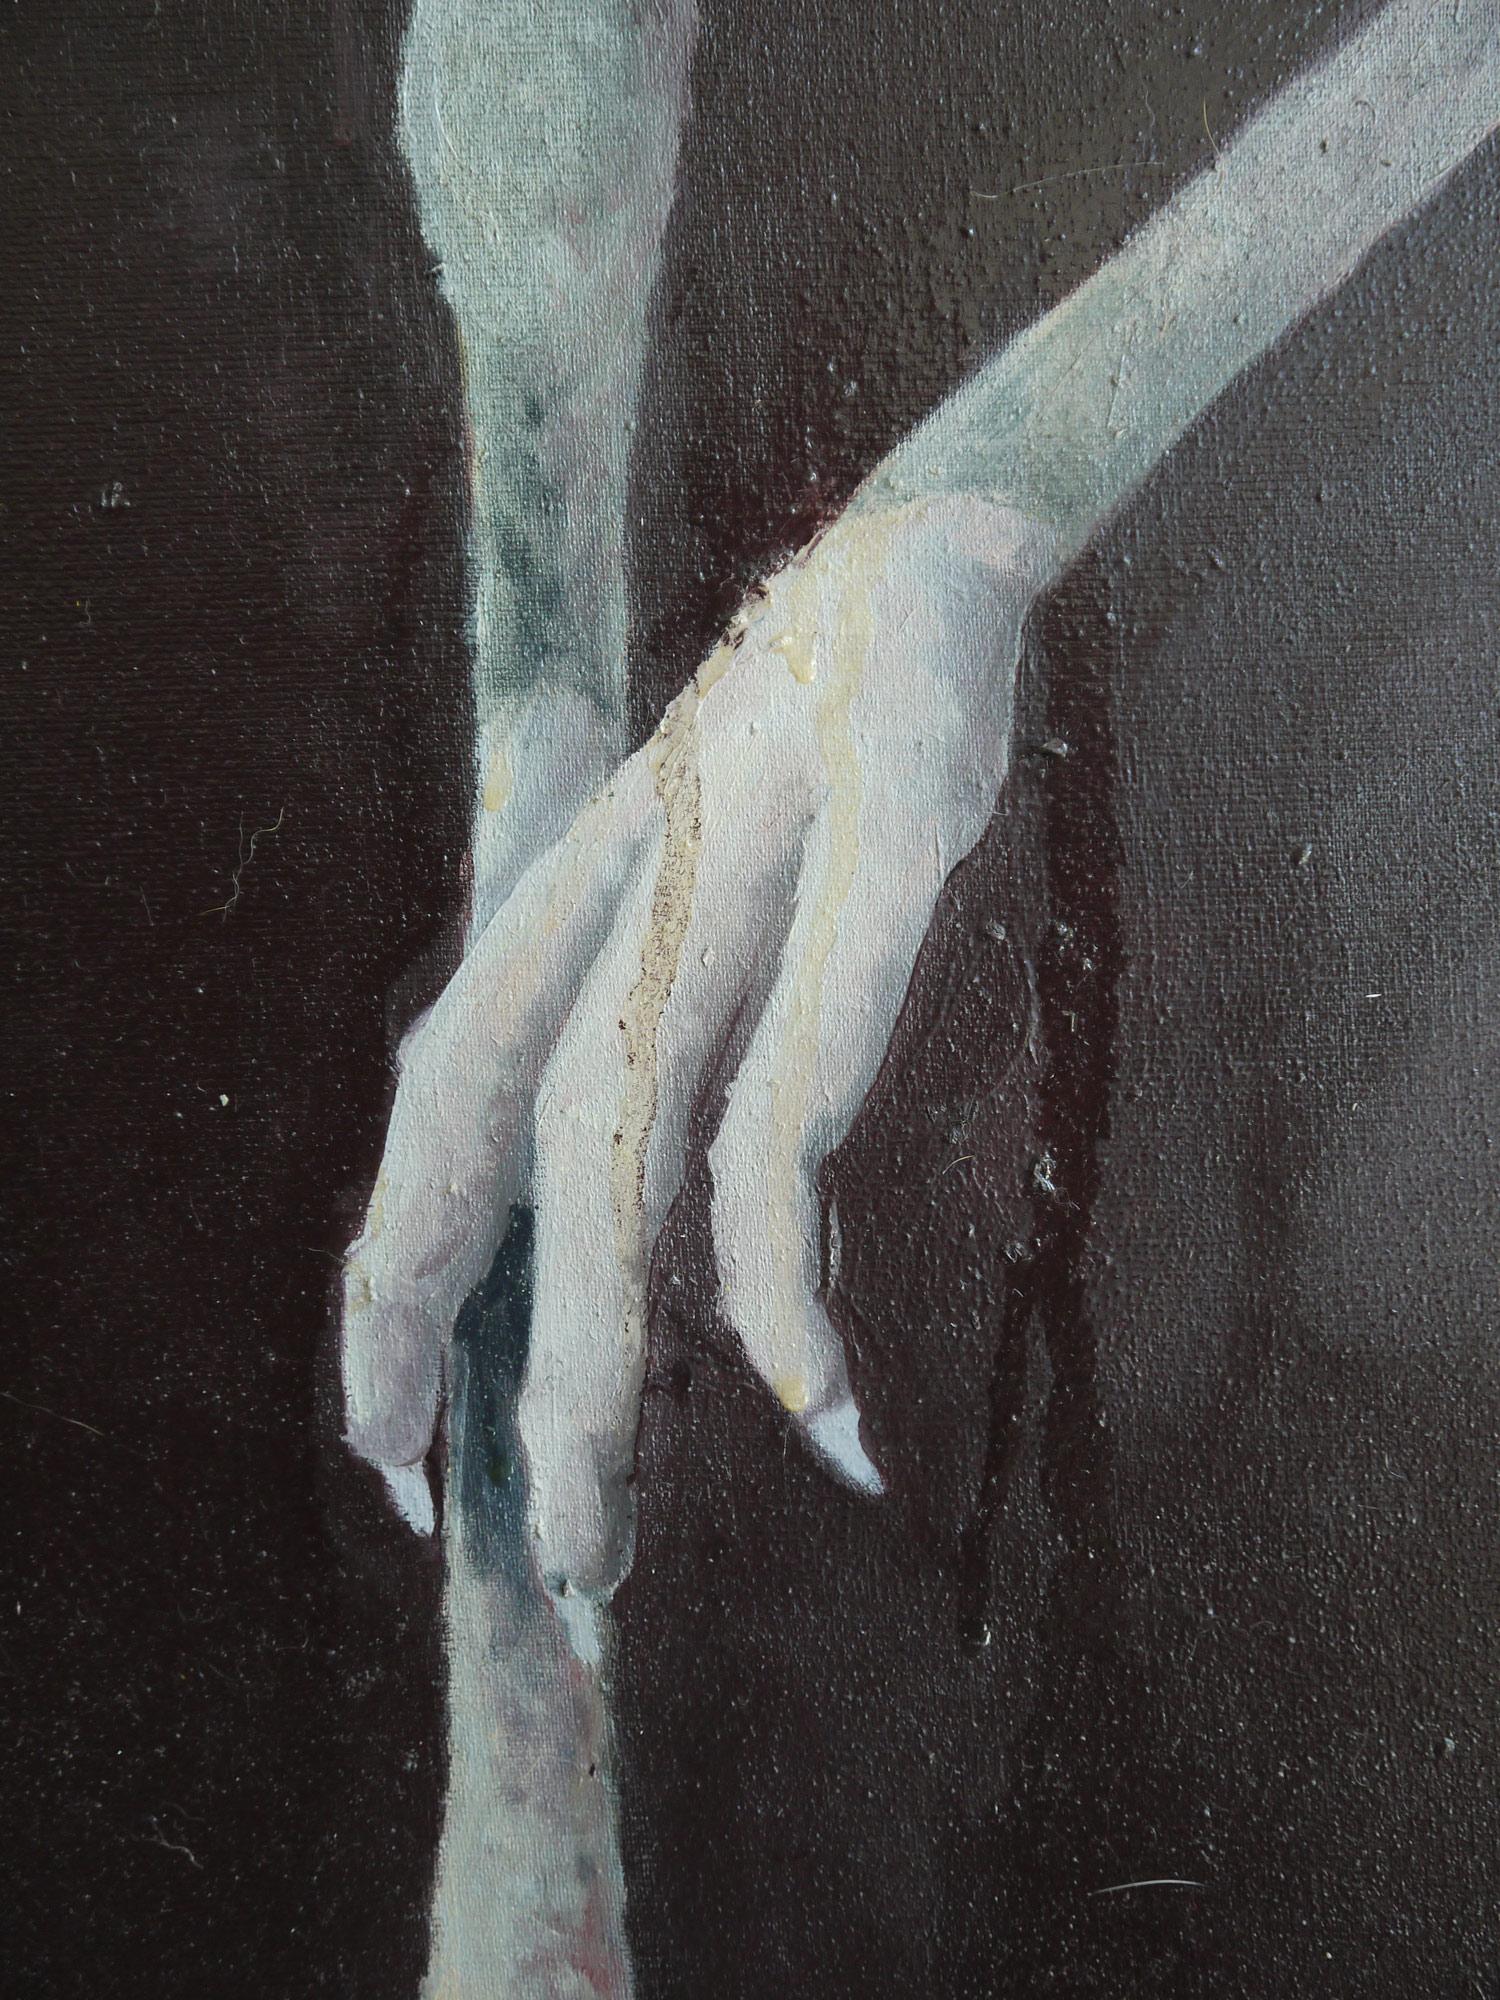 Laura Link . ohne Titel . 2014 . Öl auf Leinwand . 228 x 172 . Detailansicht